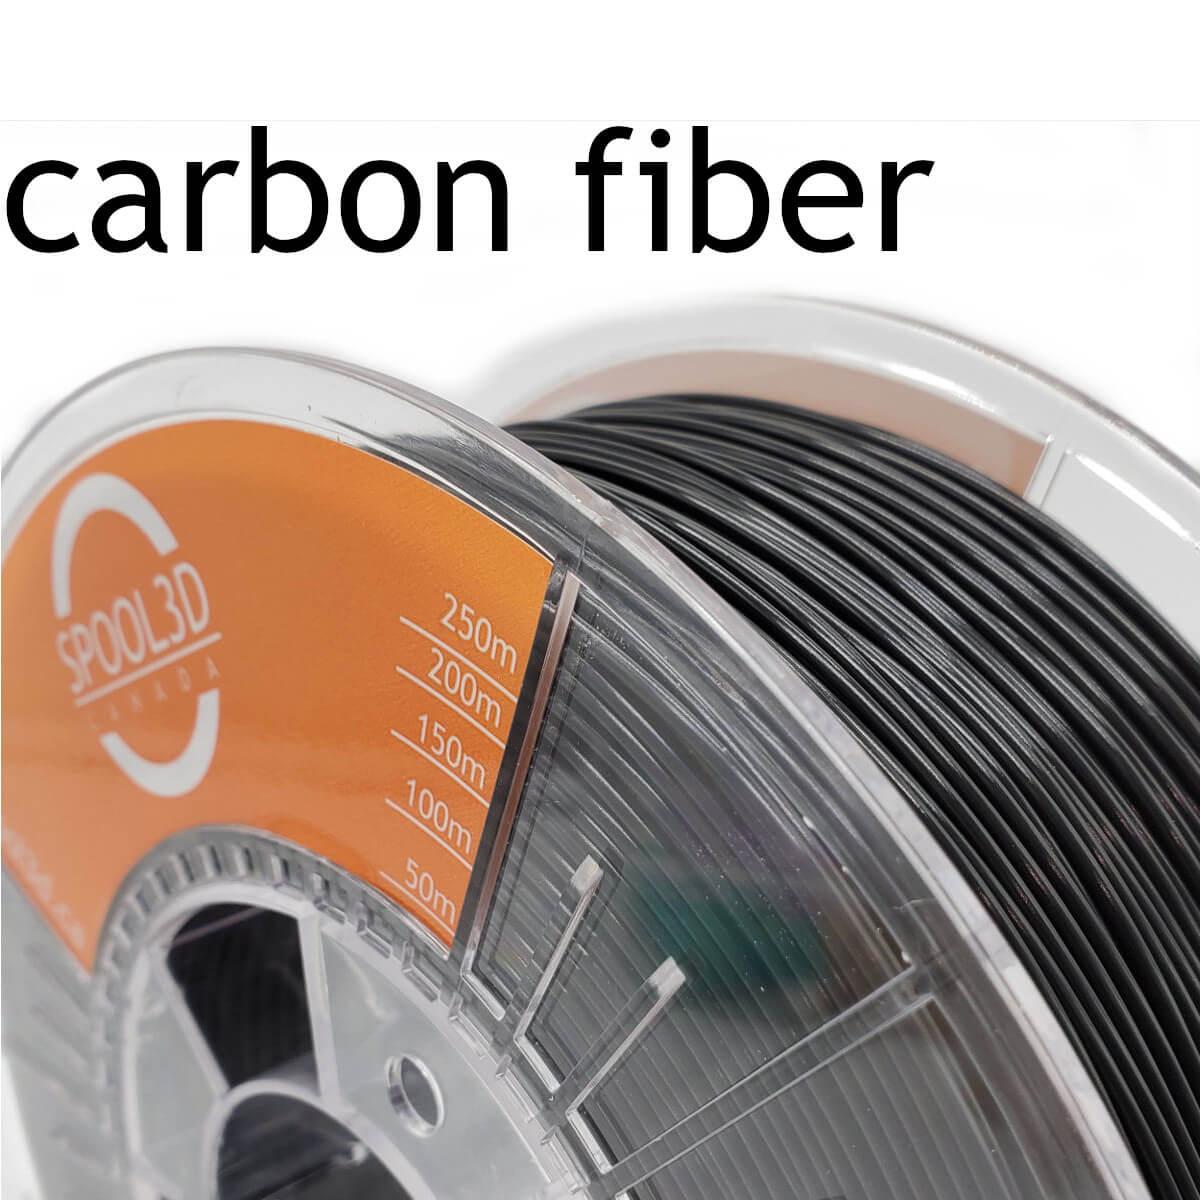 Black Carbon Fibre PETG Filament - 1.75mm 3D Printer Filament